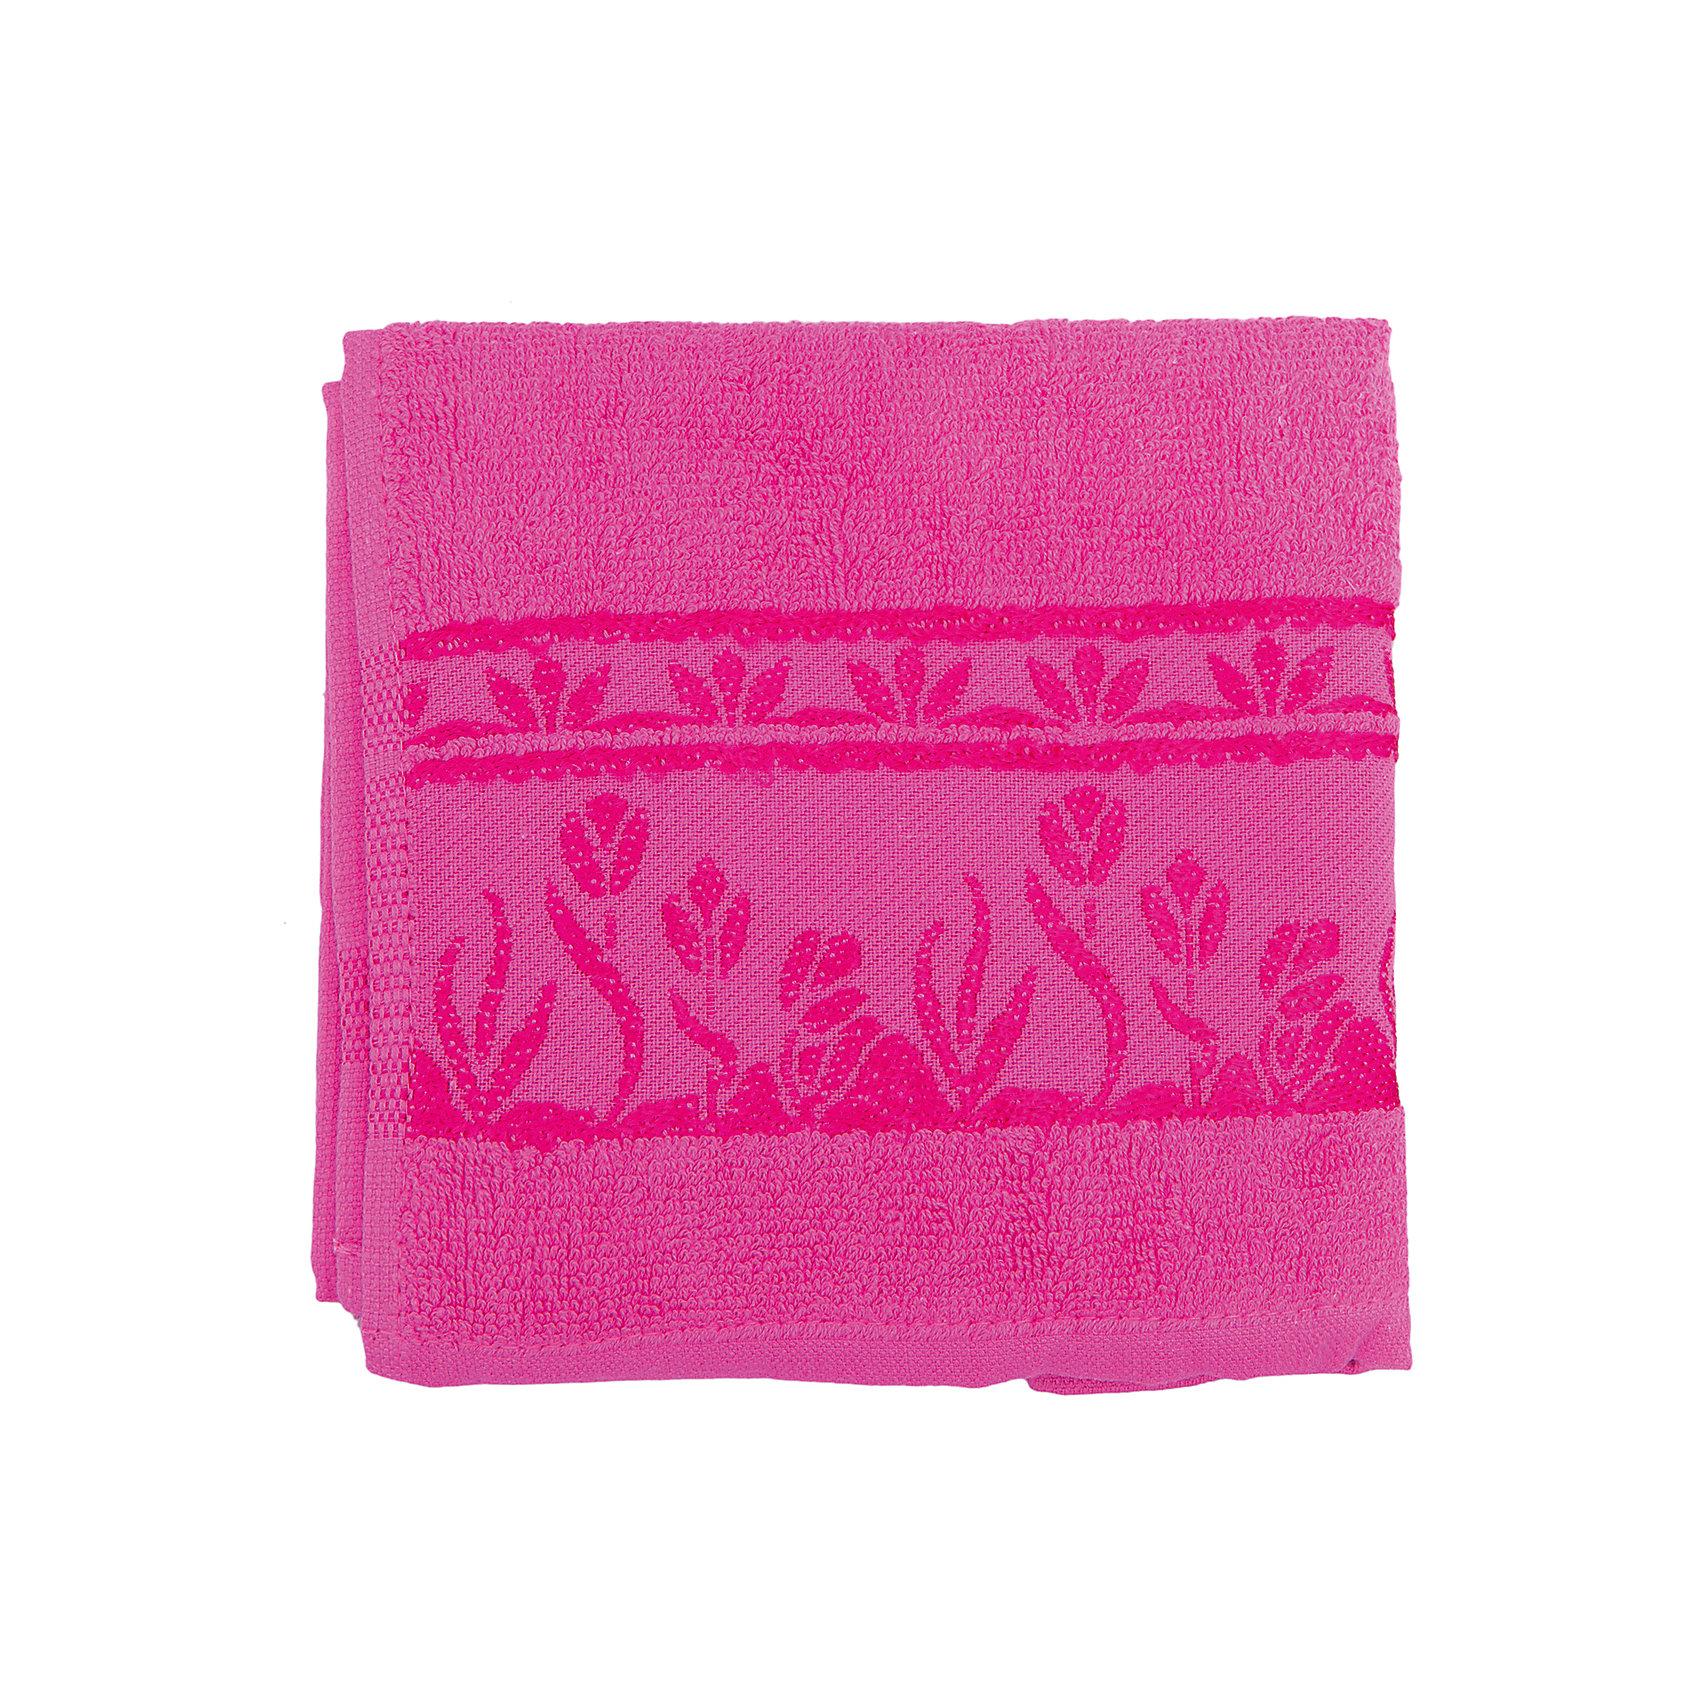 Полотенце махровое Tulips 40*75, Португалия, ярко-розовыйTulips - махровое полотенце из натурального качественного хлопка. Она хорошо впитает влагу и подарит вам ощущение мягкости после водных процедур. Полотенце износостойкое и хорошо сохраняет цвет. Украшено жаккардовым узором. <br><br>Дополнительная информация:<br>Материал: 100% хлопок<br>Плотность: 500 г/м2<br>Размер: 40х75 см<br>Цвет: ярко-розовый<br>Торговая марка: Португалия<br><br>Вы можете приобрести махровое полотенце Tulips  в нашем интернет-магазине.<br><br>Ширина мм: 500<br>Глубина мм: 500<br>Высота мм: 200<br>Вес г: 200<br>Возраст от месяцев: 0<br>Возраст до месяцев: 144<br>Пол: Унисекс<br>Возраст: Детский<br>SKU: 5010937